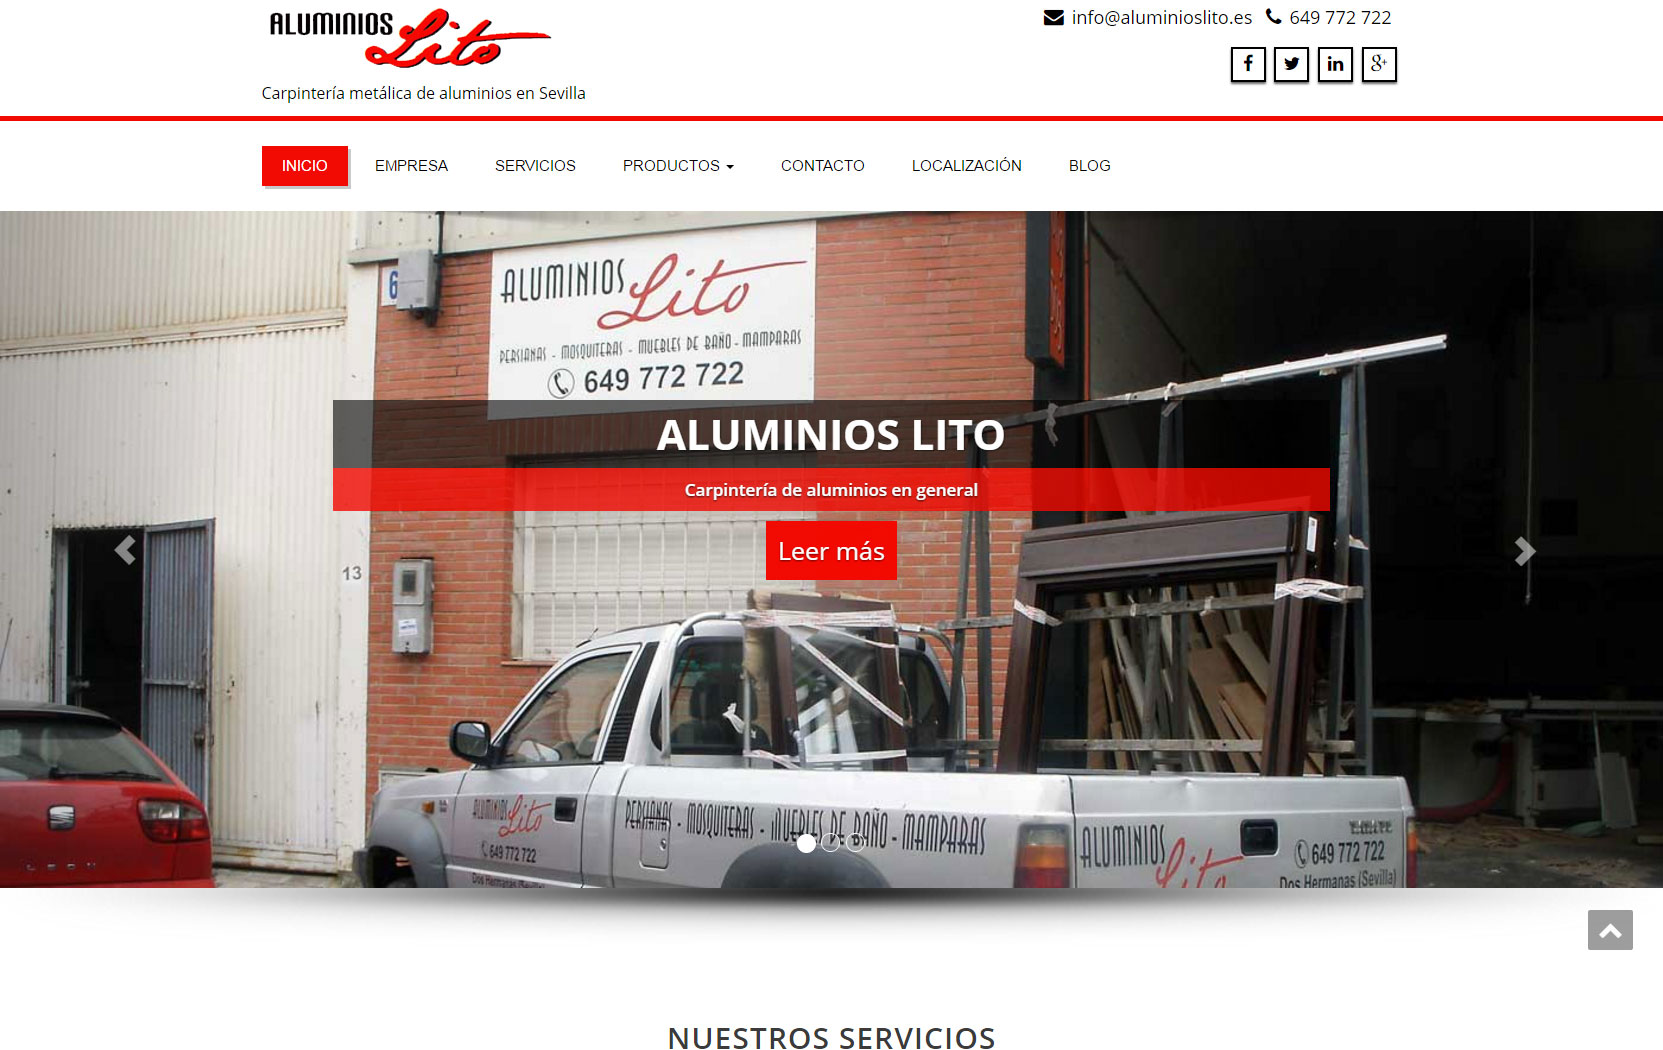 Aluminios Lito